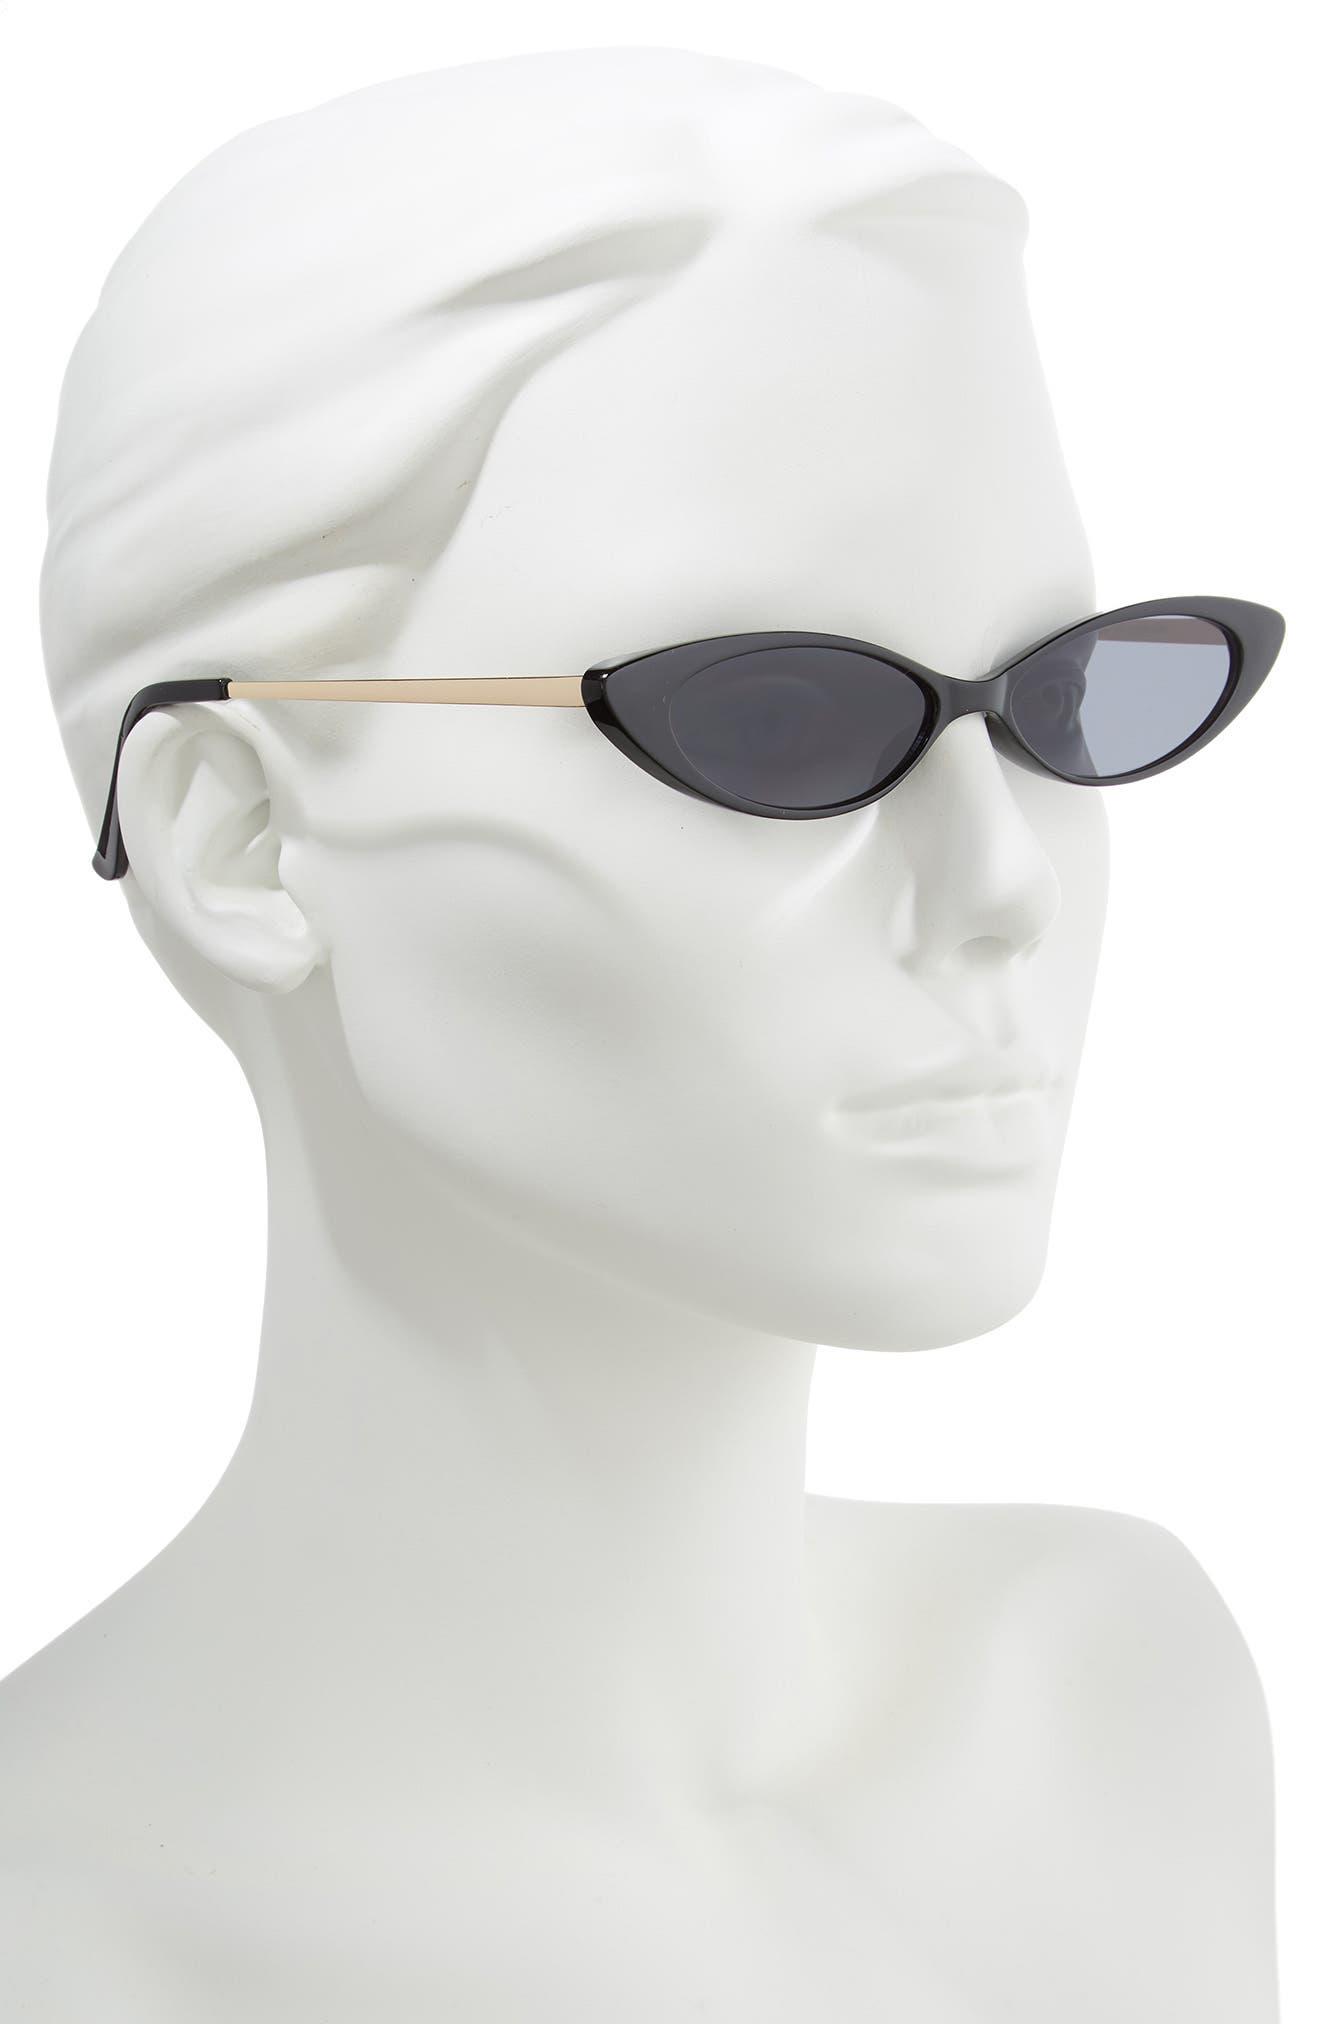 Metal & Plastic Mini Cat Eye Sunglasses,                             Alternate thumbnail 2, color,                             BLACK/ GOLD